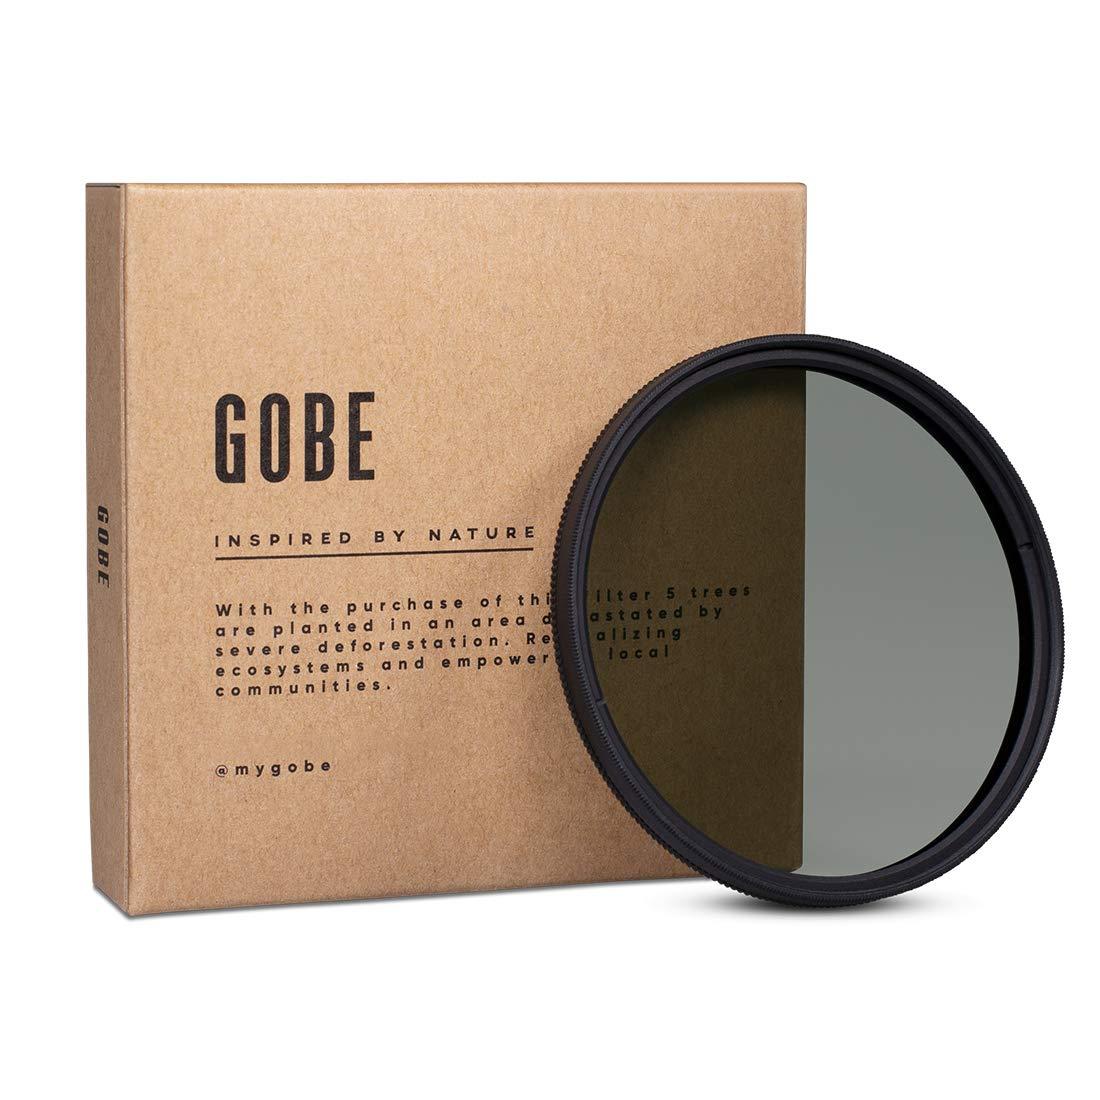 Gobe - Filtro polarizador CPL 49mm Vidrio Alemá n Schott, con Recubrimiento mú ltiple de 16 Capas con Recubrimiento múltiple de 16 Capas G49CPL3P